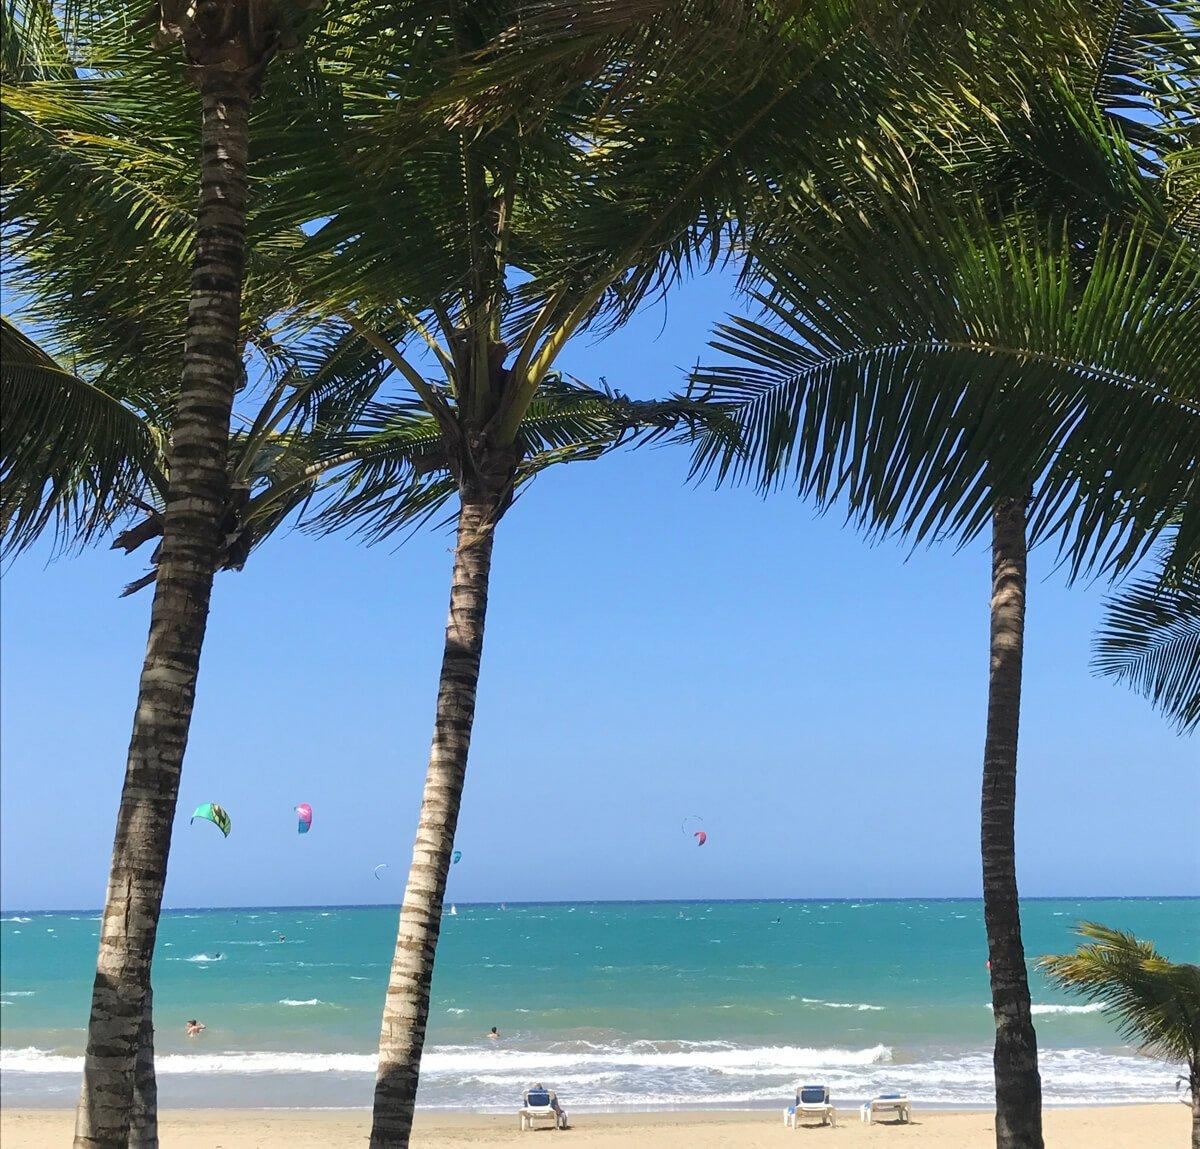 fernreise dominikanische republik die kleine botin 21